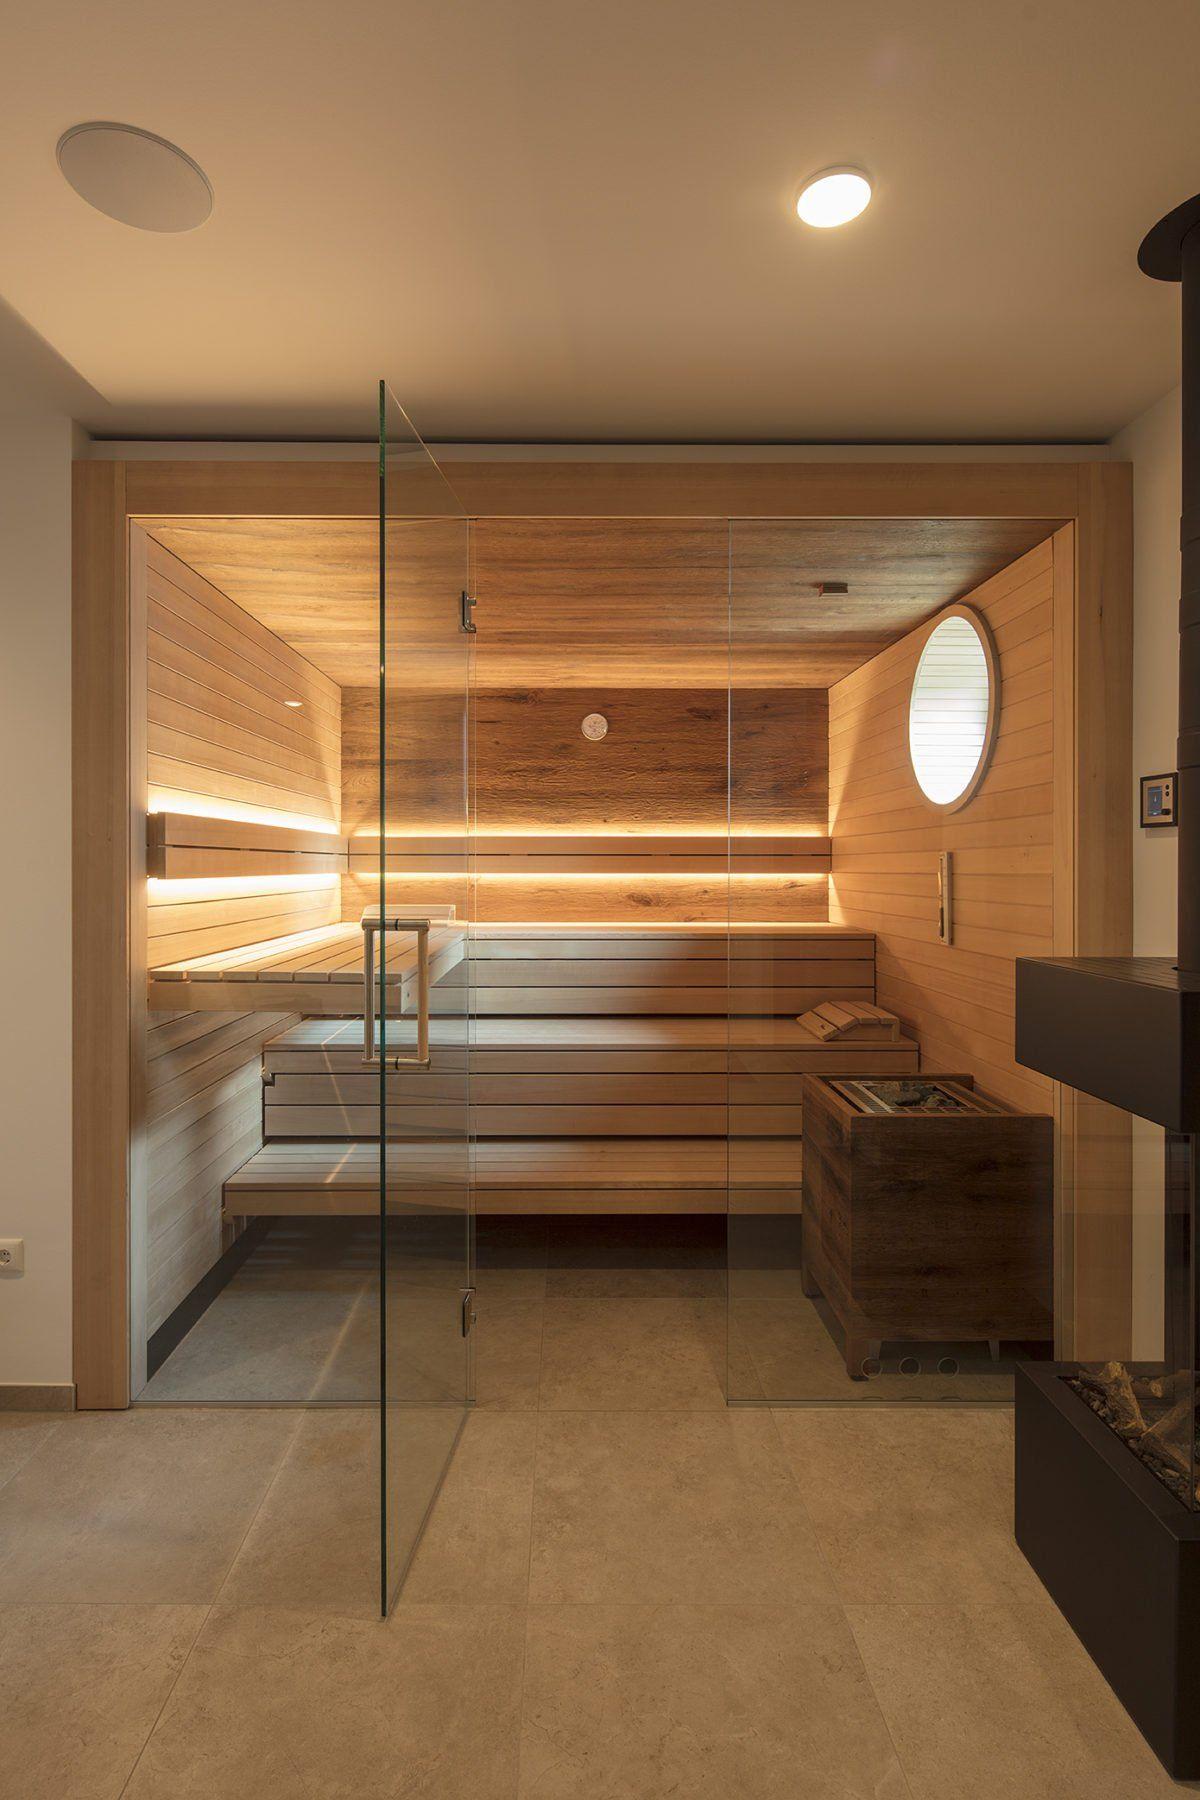 Sauna im Bad: Behaglich und wärmend | schwimmbad.de